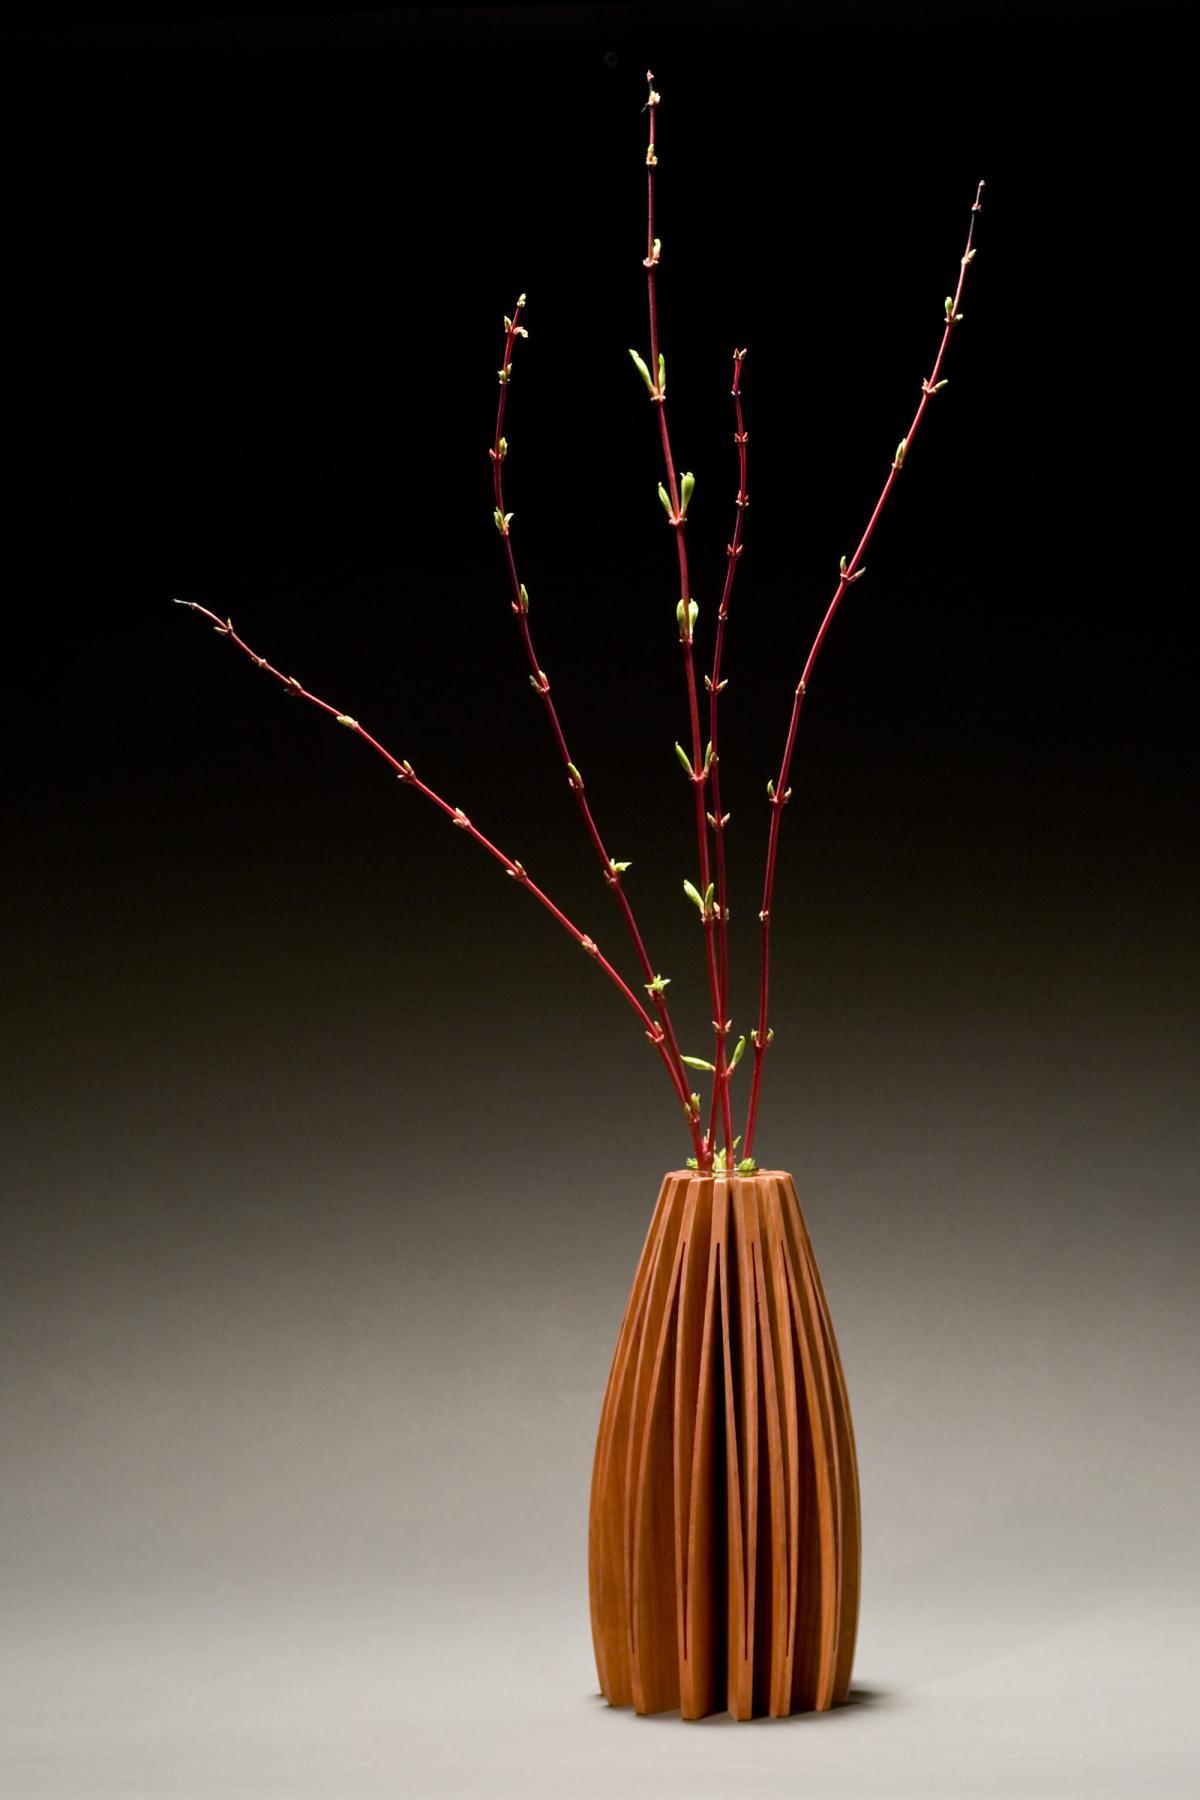 Lilac Wooden Vase, Alder